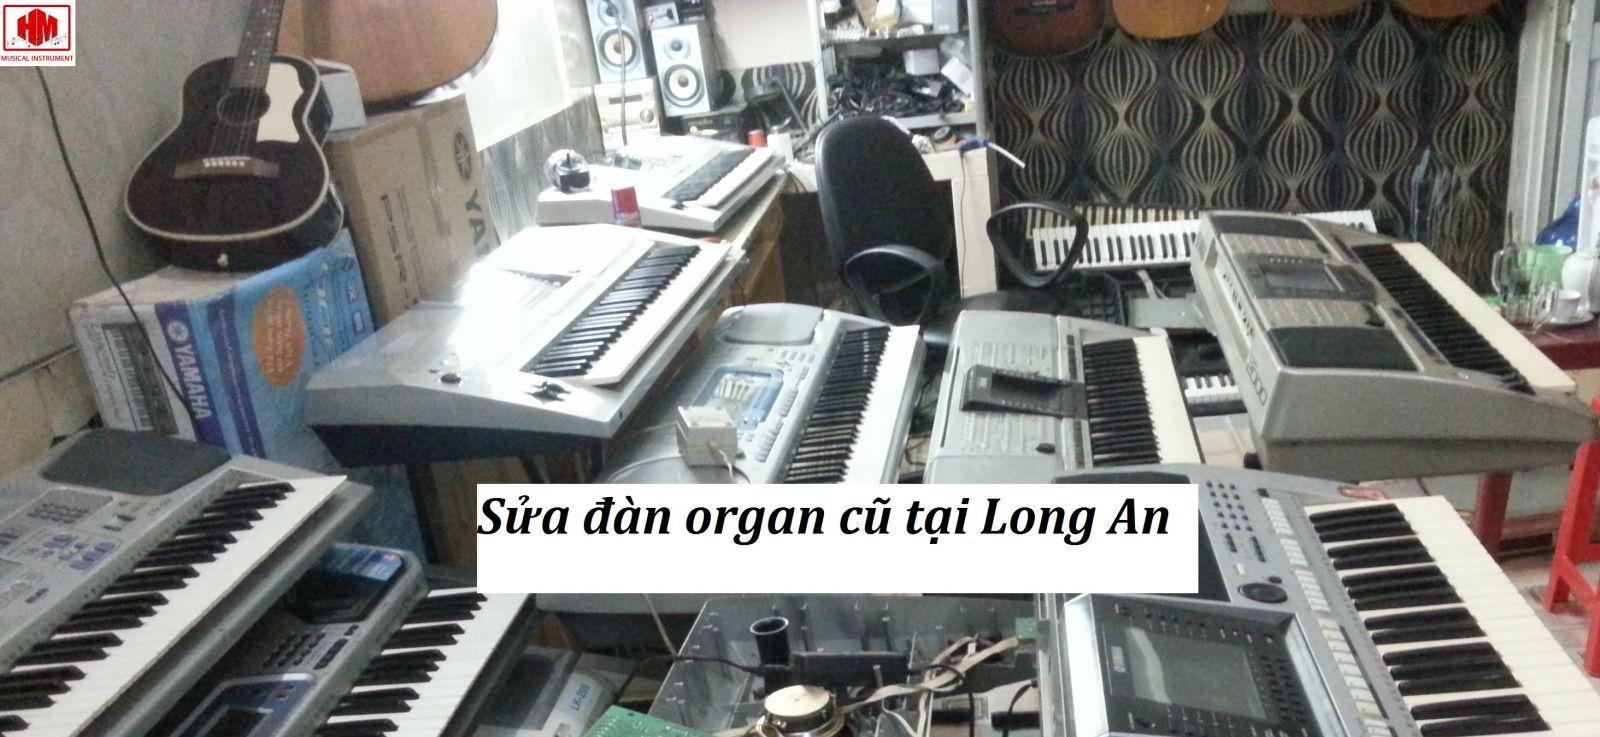 sửa đàn organ cũ tại long an